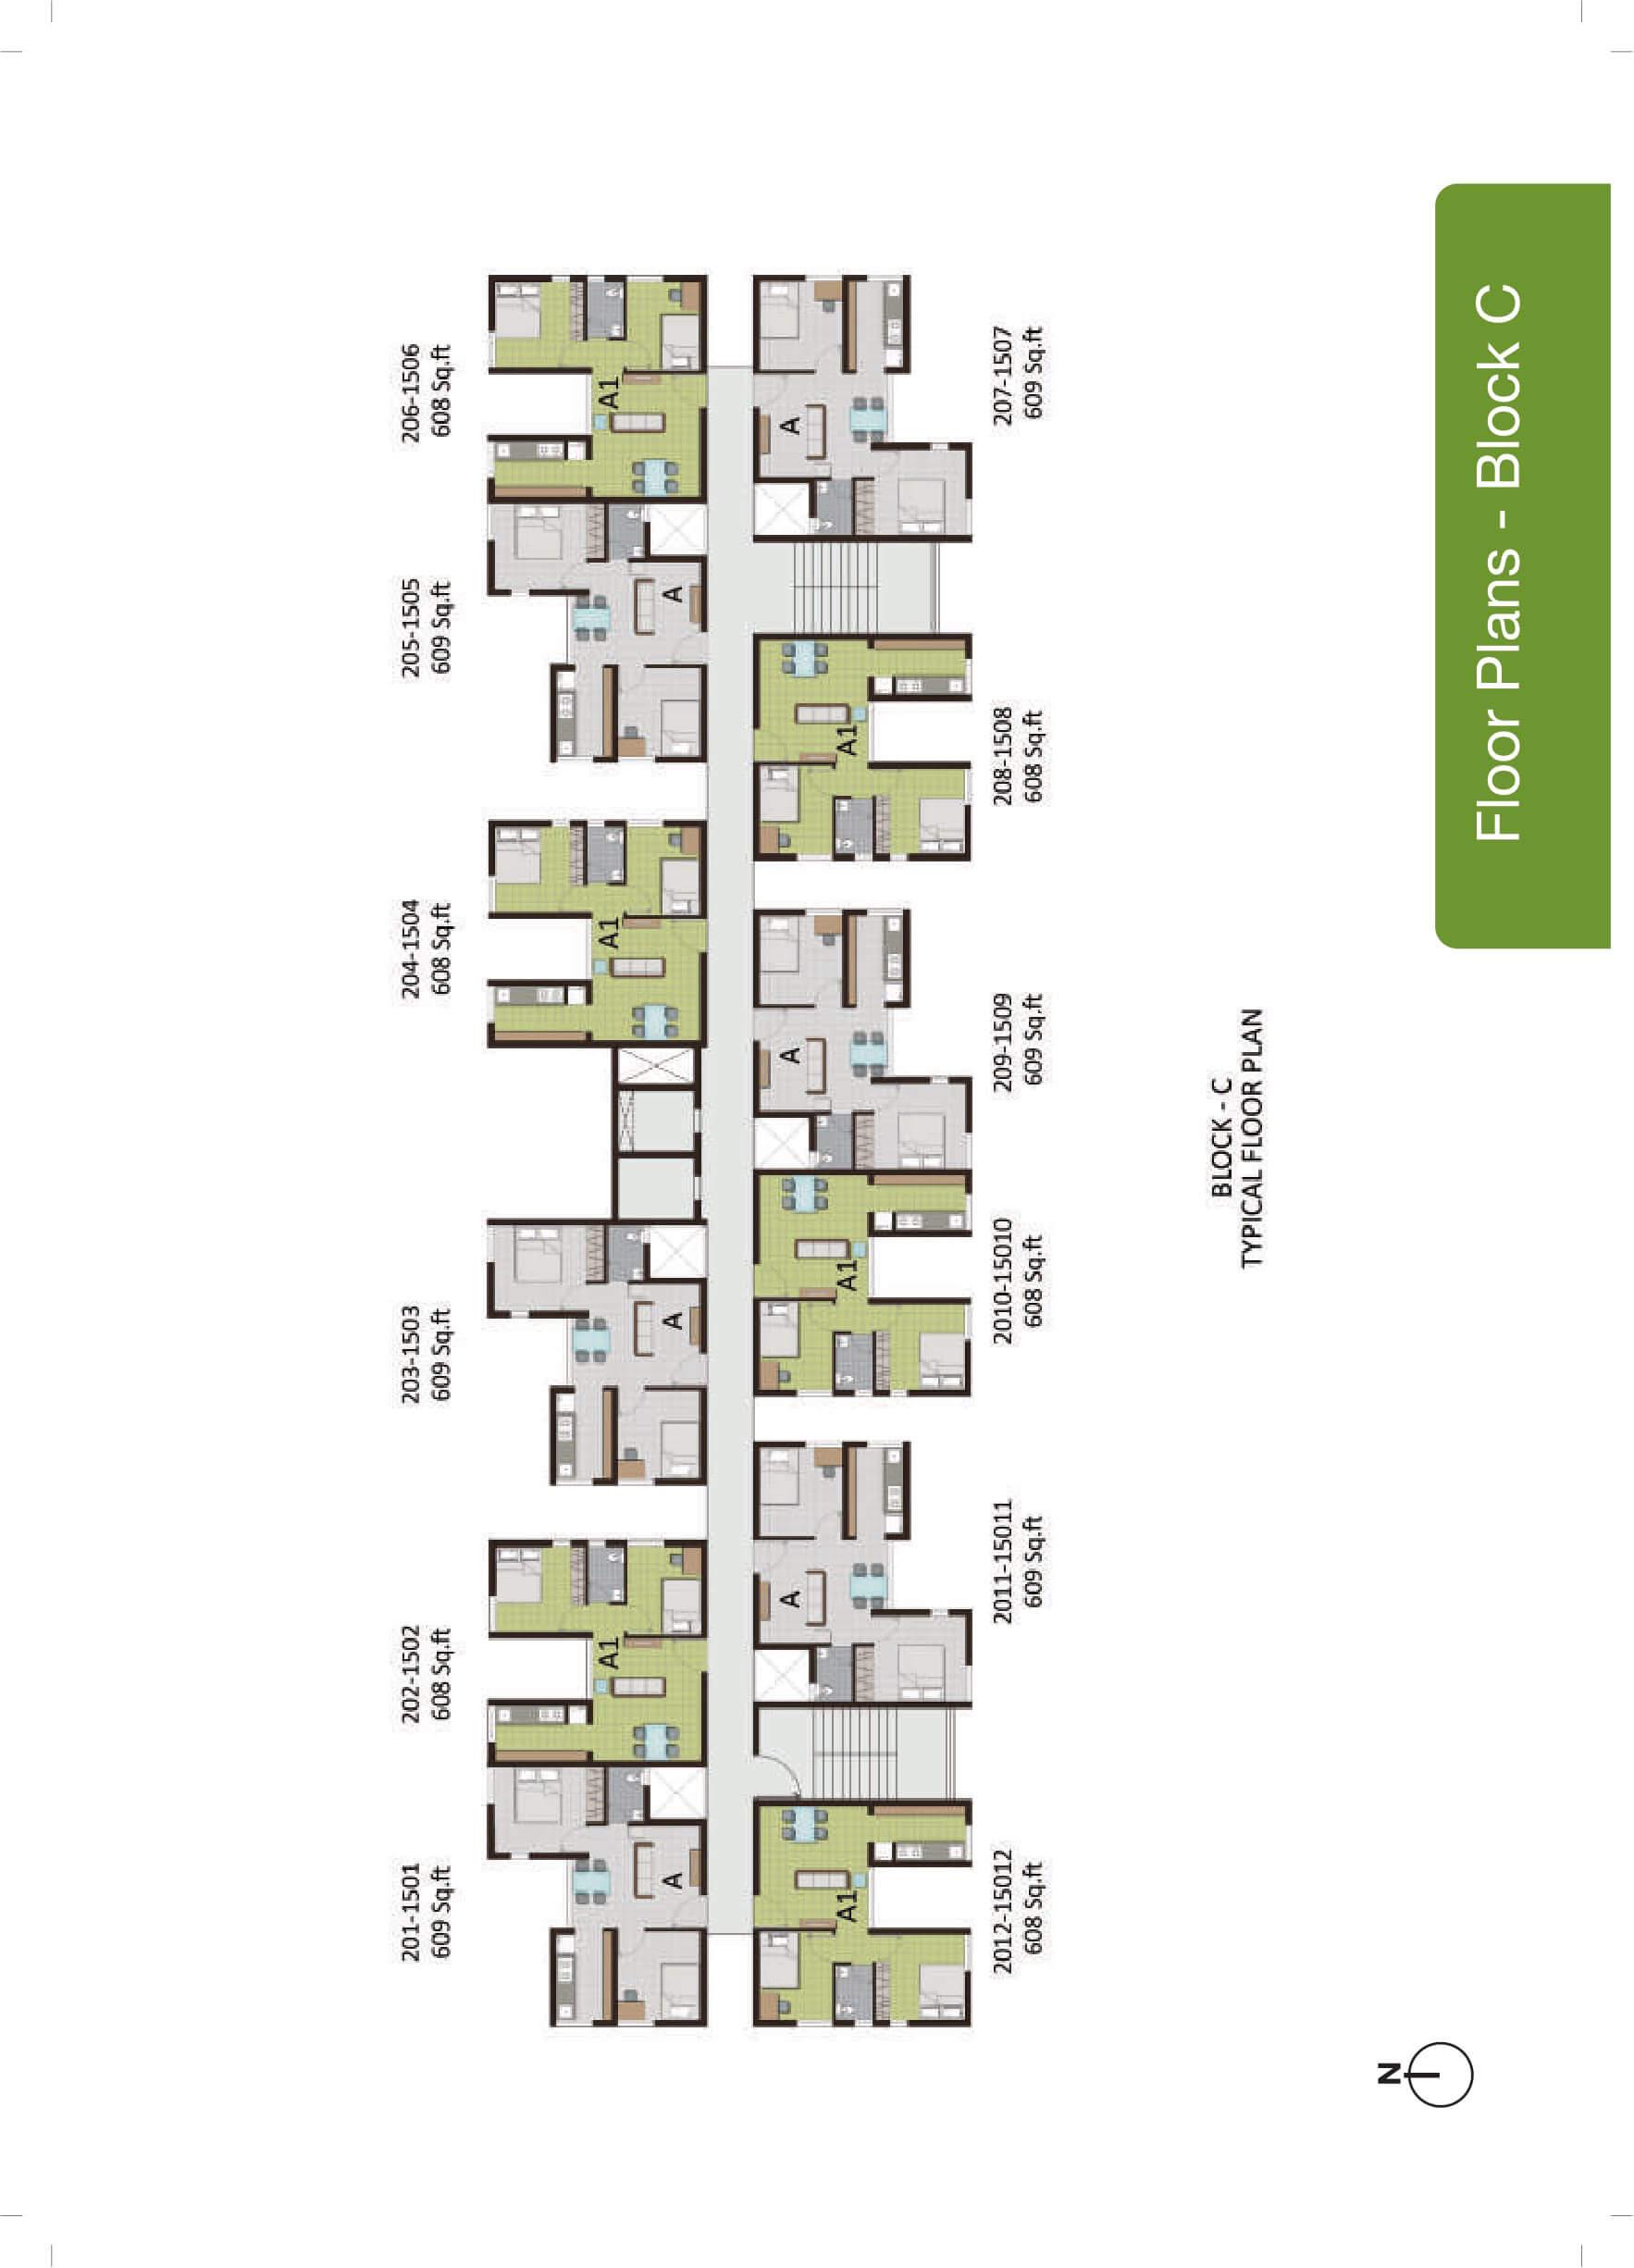 Block C - Typical Floor Plan